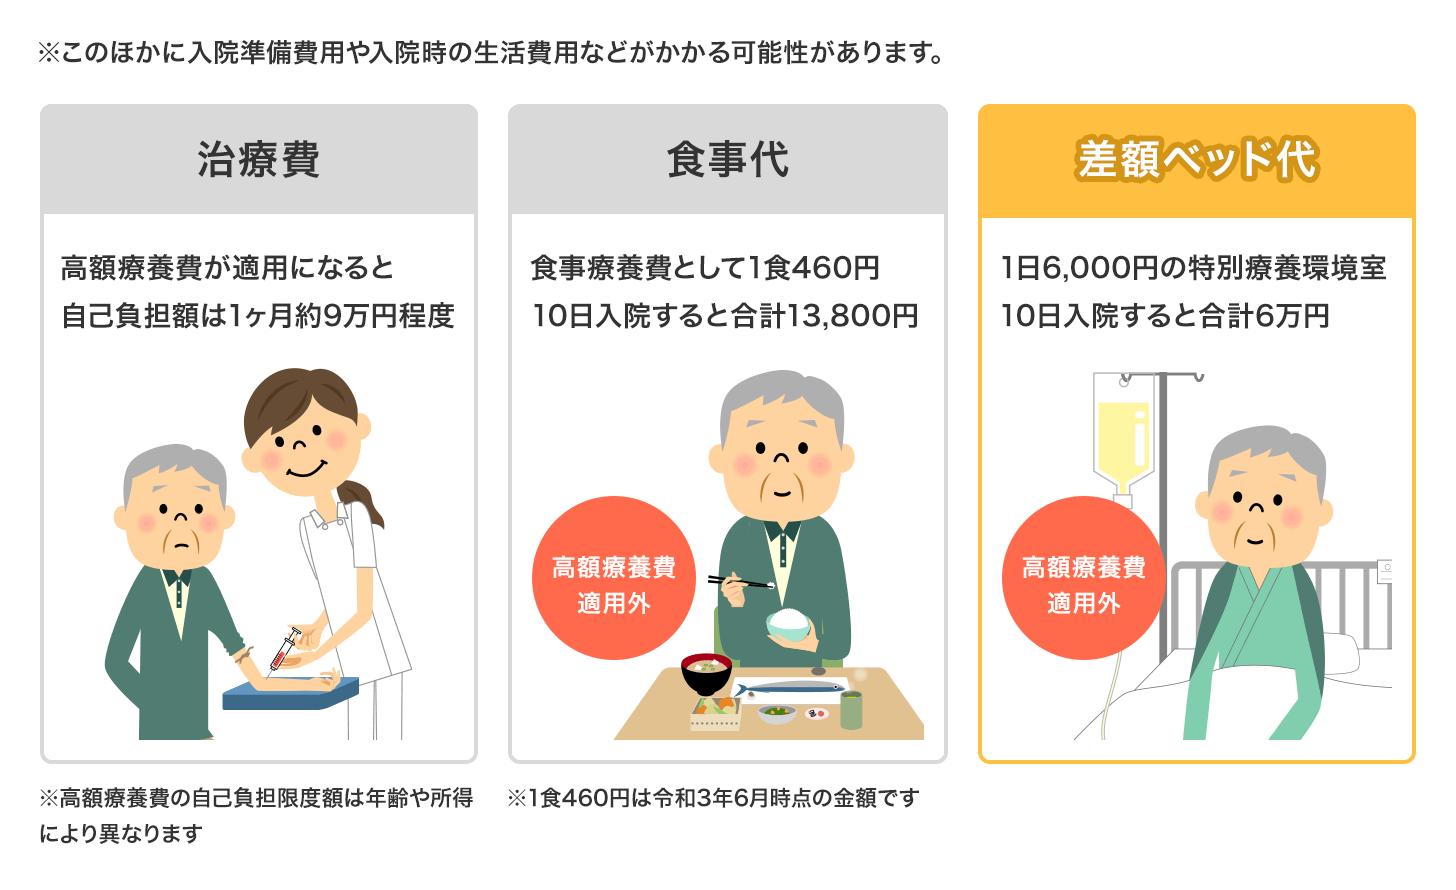 10日間入院した場合のイメージ図